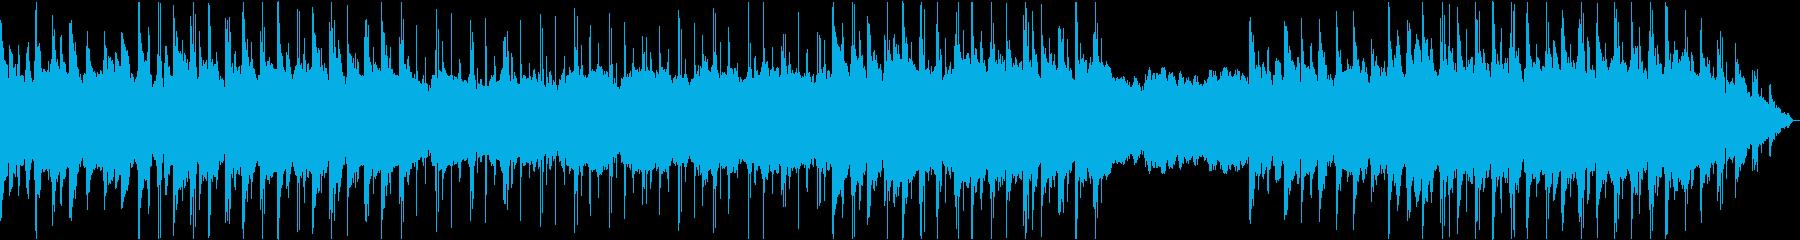 広く静かな海 スロー ピアノ 重厚の再生済みの波形